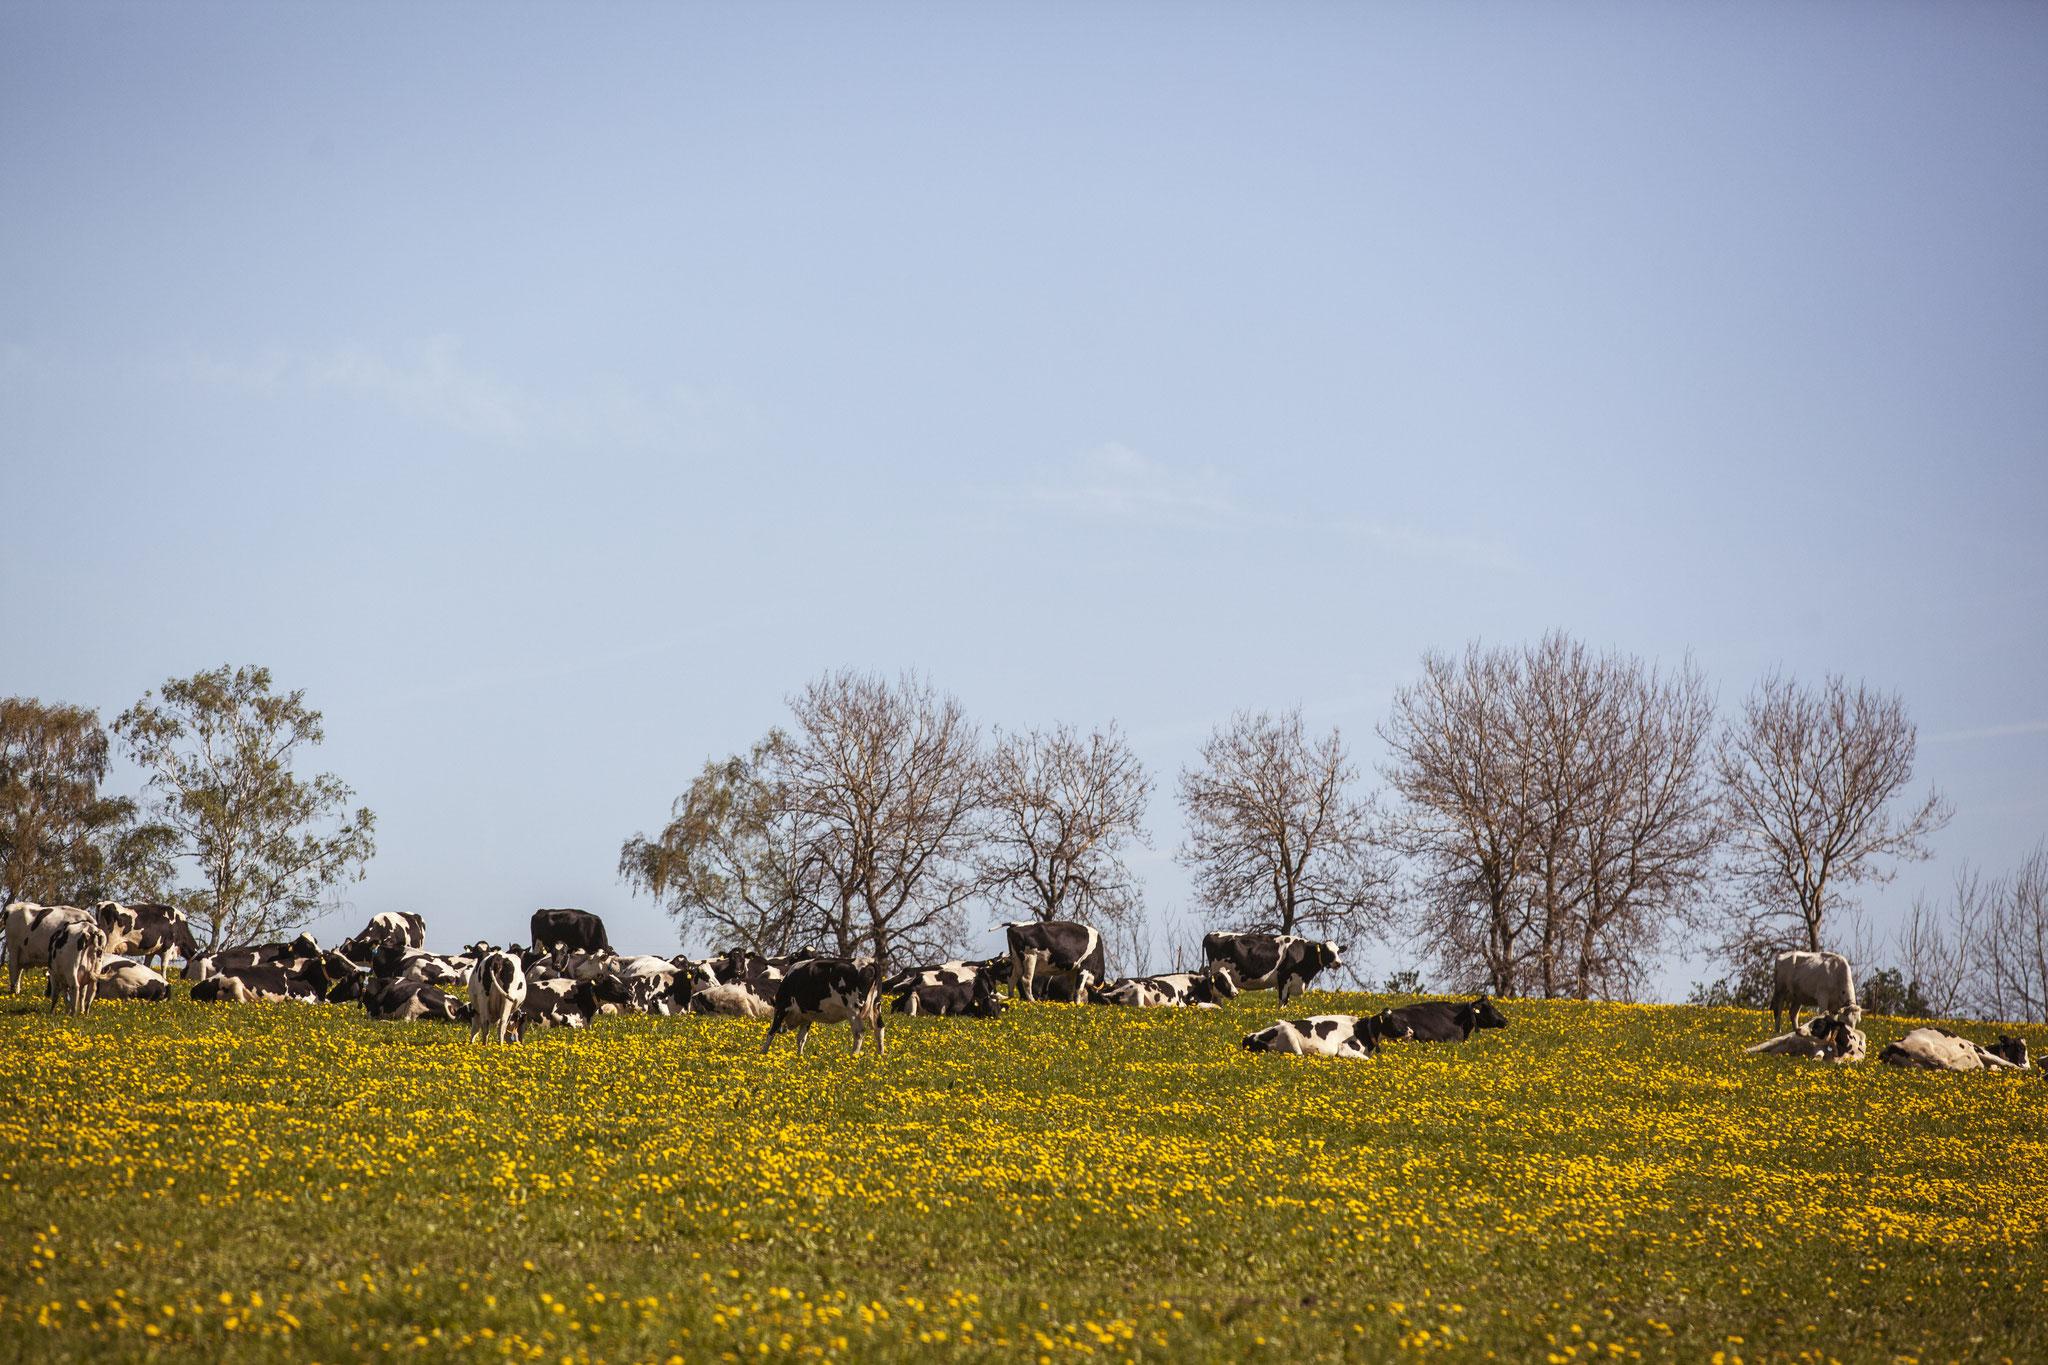 Zusätzlich können unsere Kühe während der Weidesaison auf einem Teil unserer Flächen grasen.